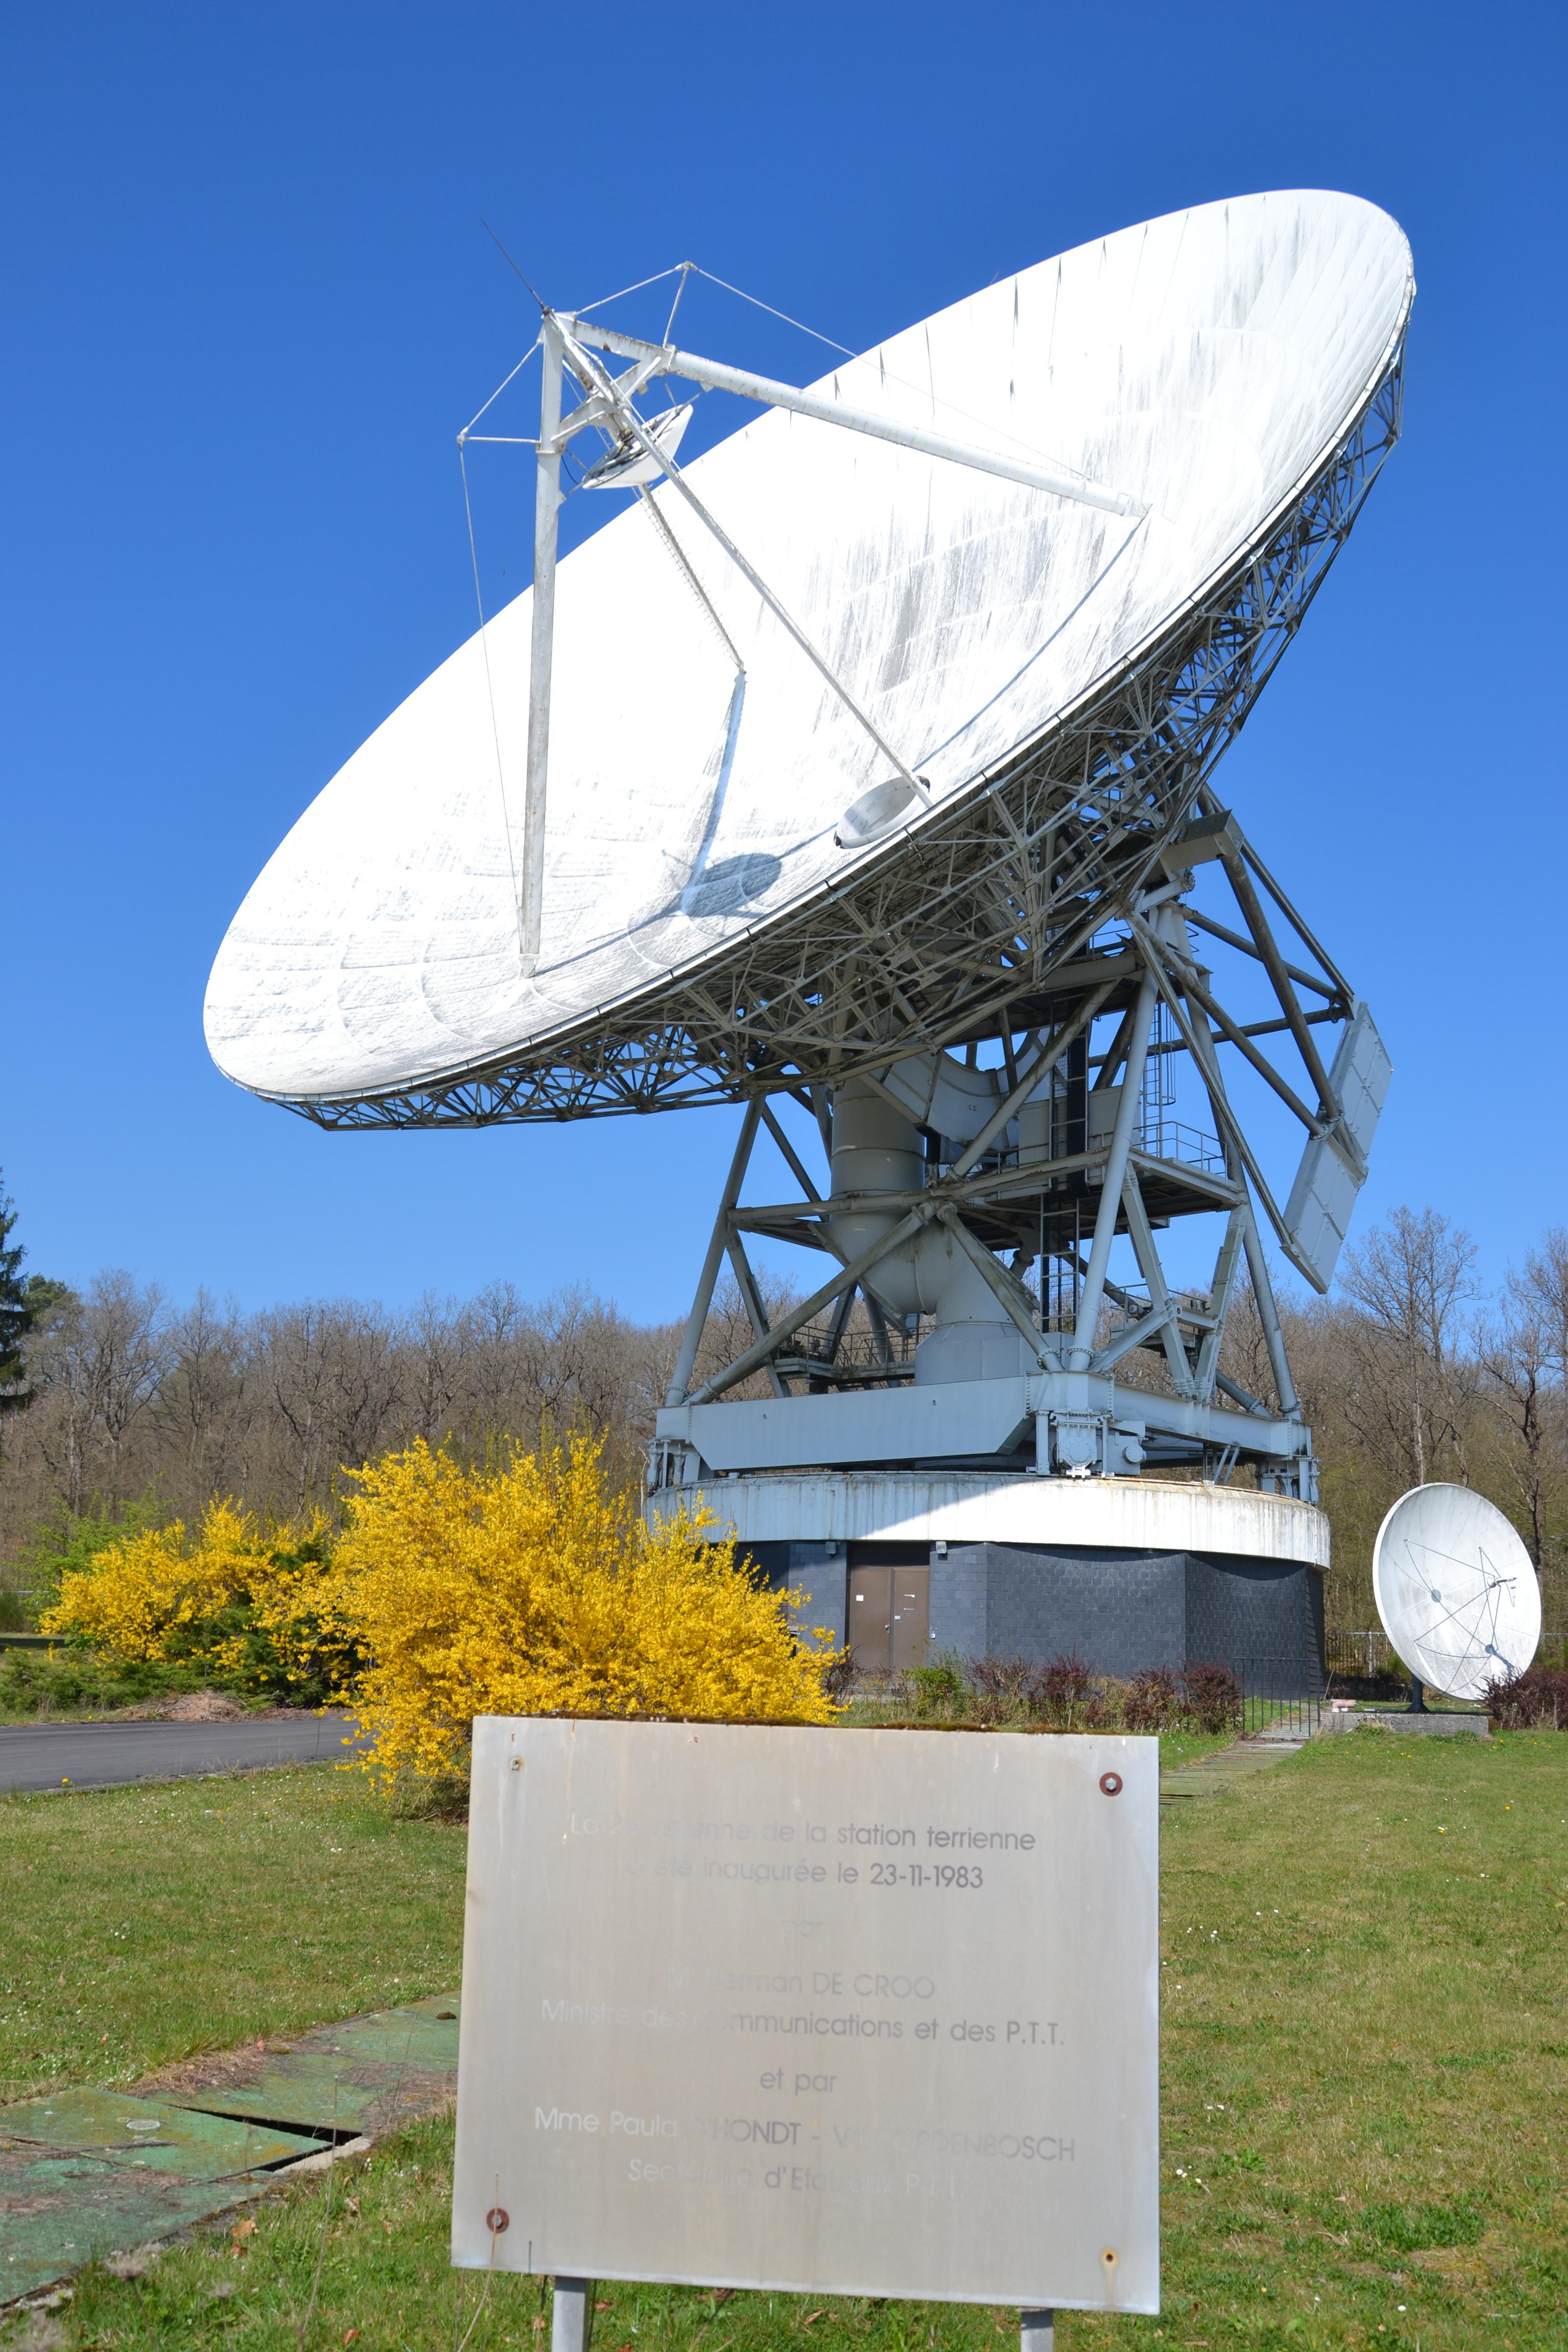 fichier:antenne parabolique 1983 — wikipédia